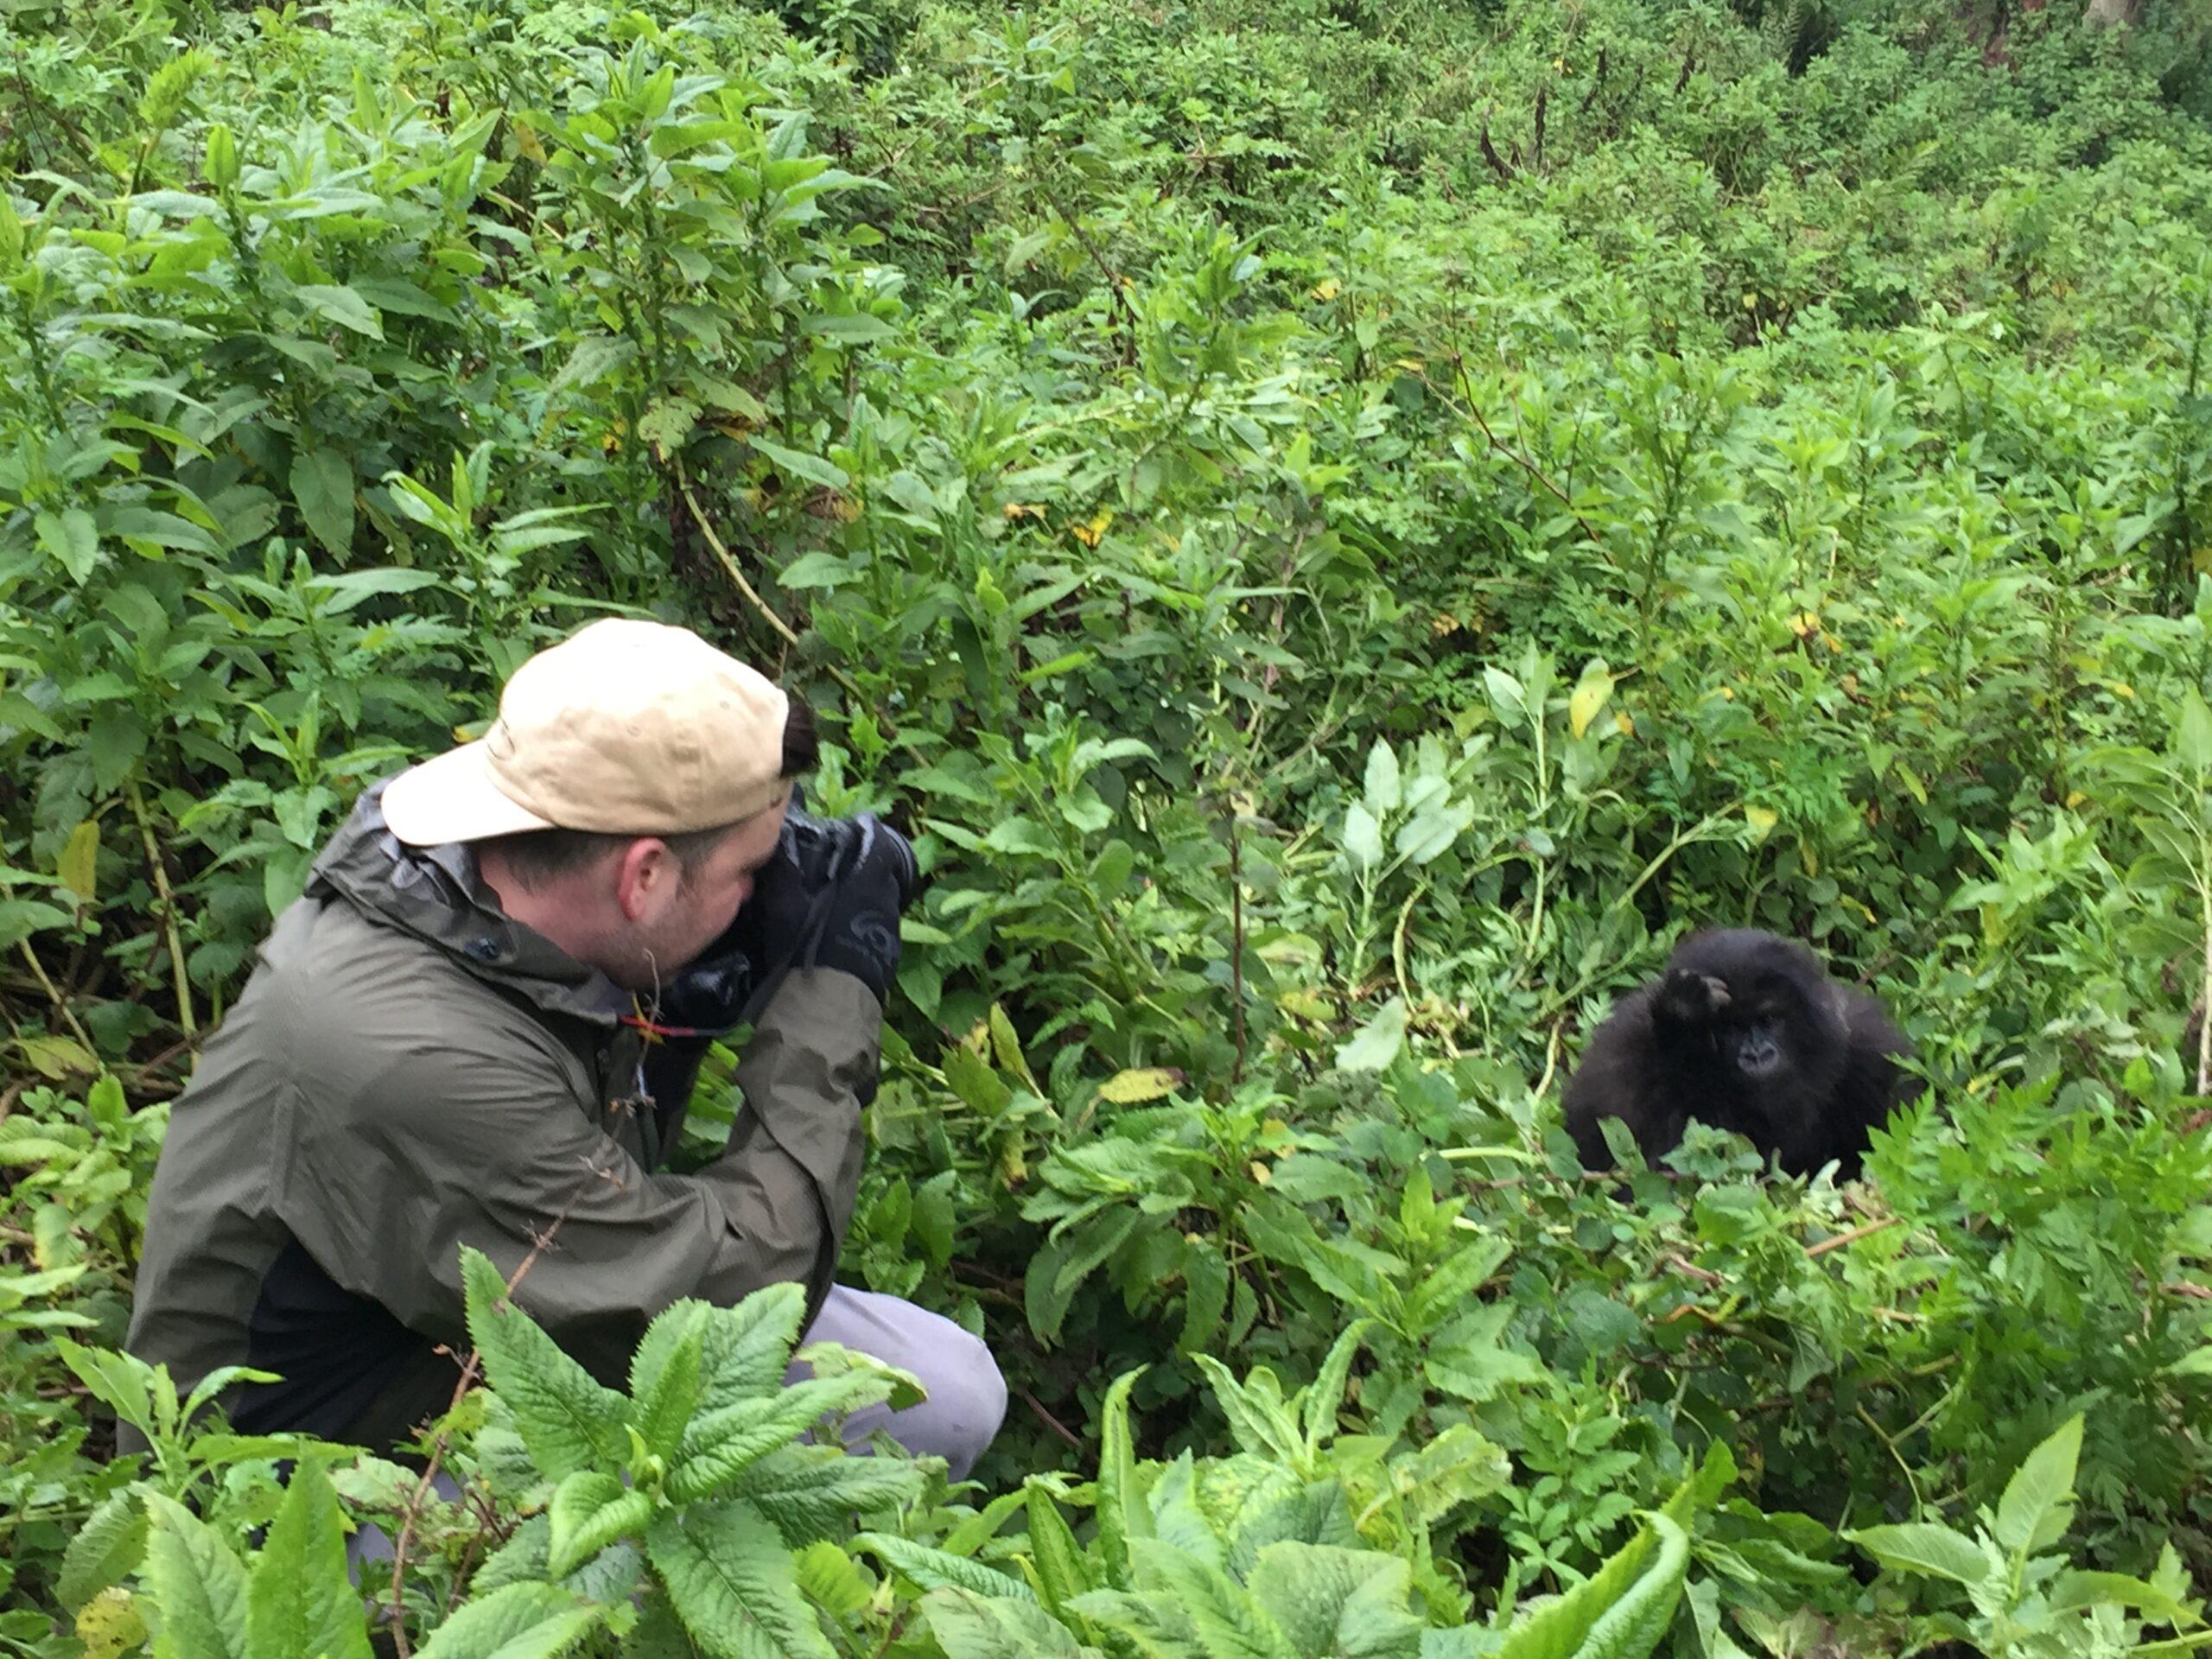 man taking a photo of a gorilla in the bush in Rwanda